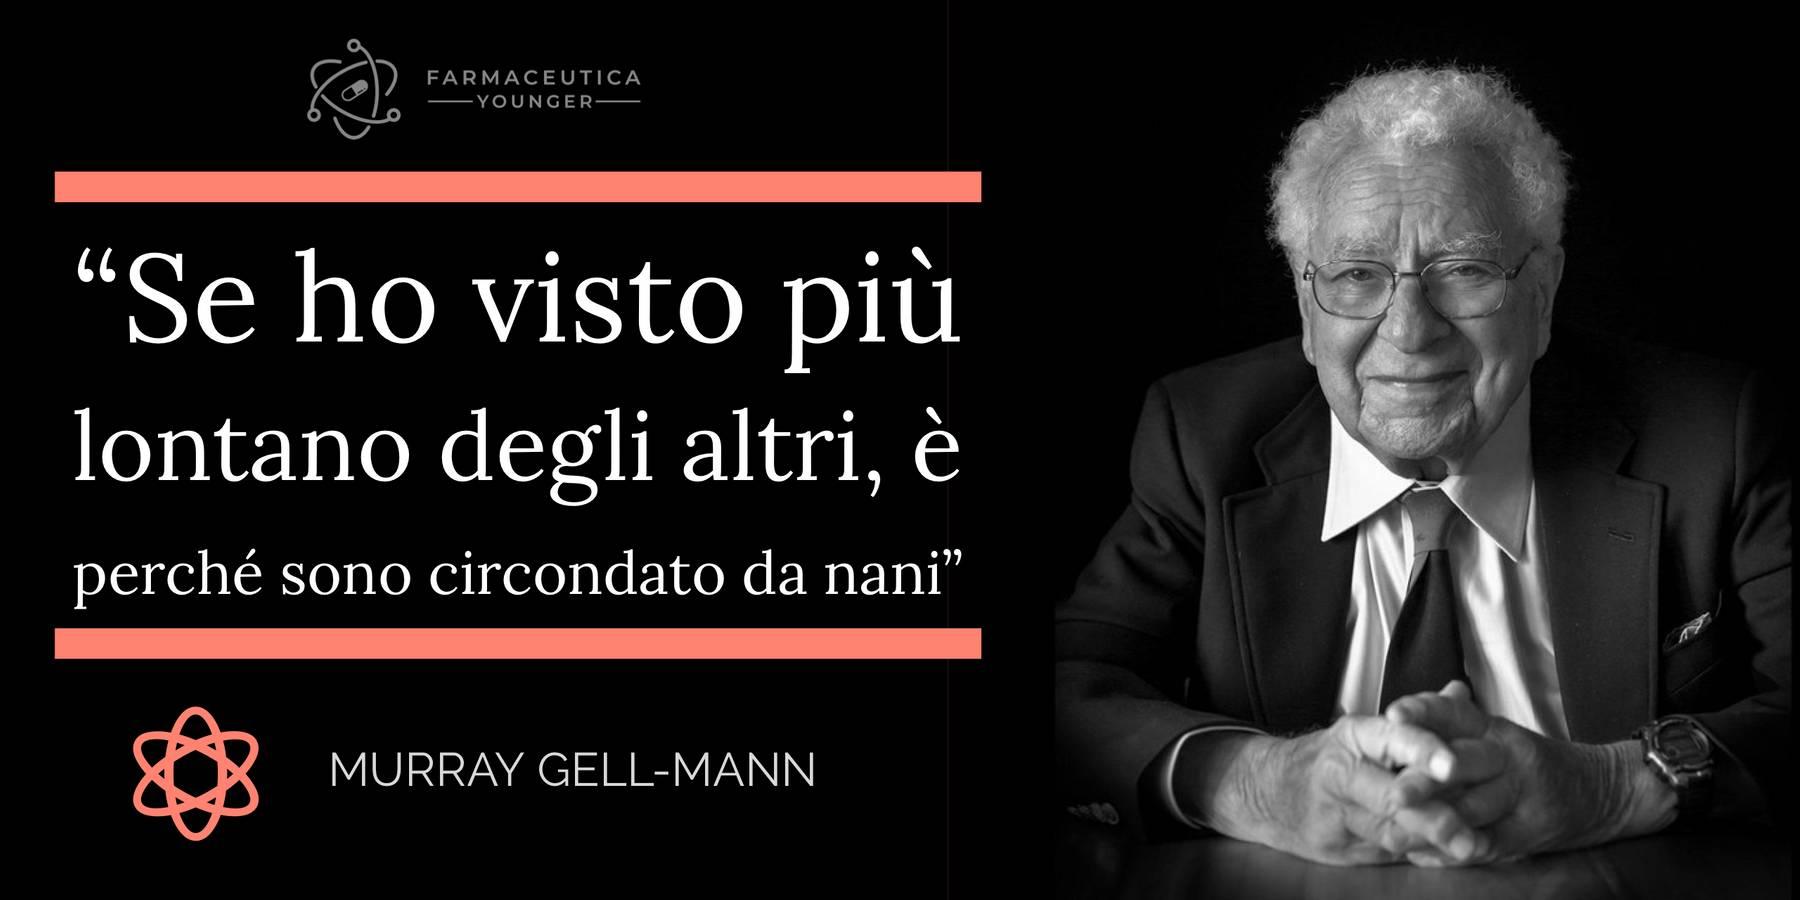 MURRAY GELL-MANN -